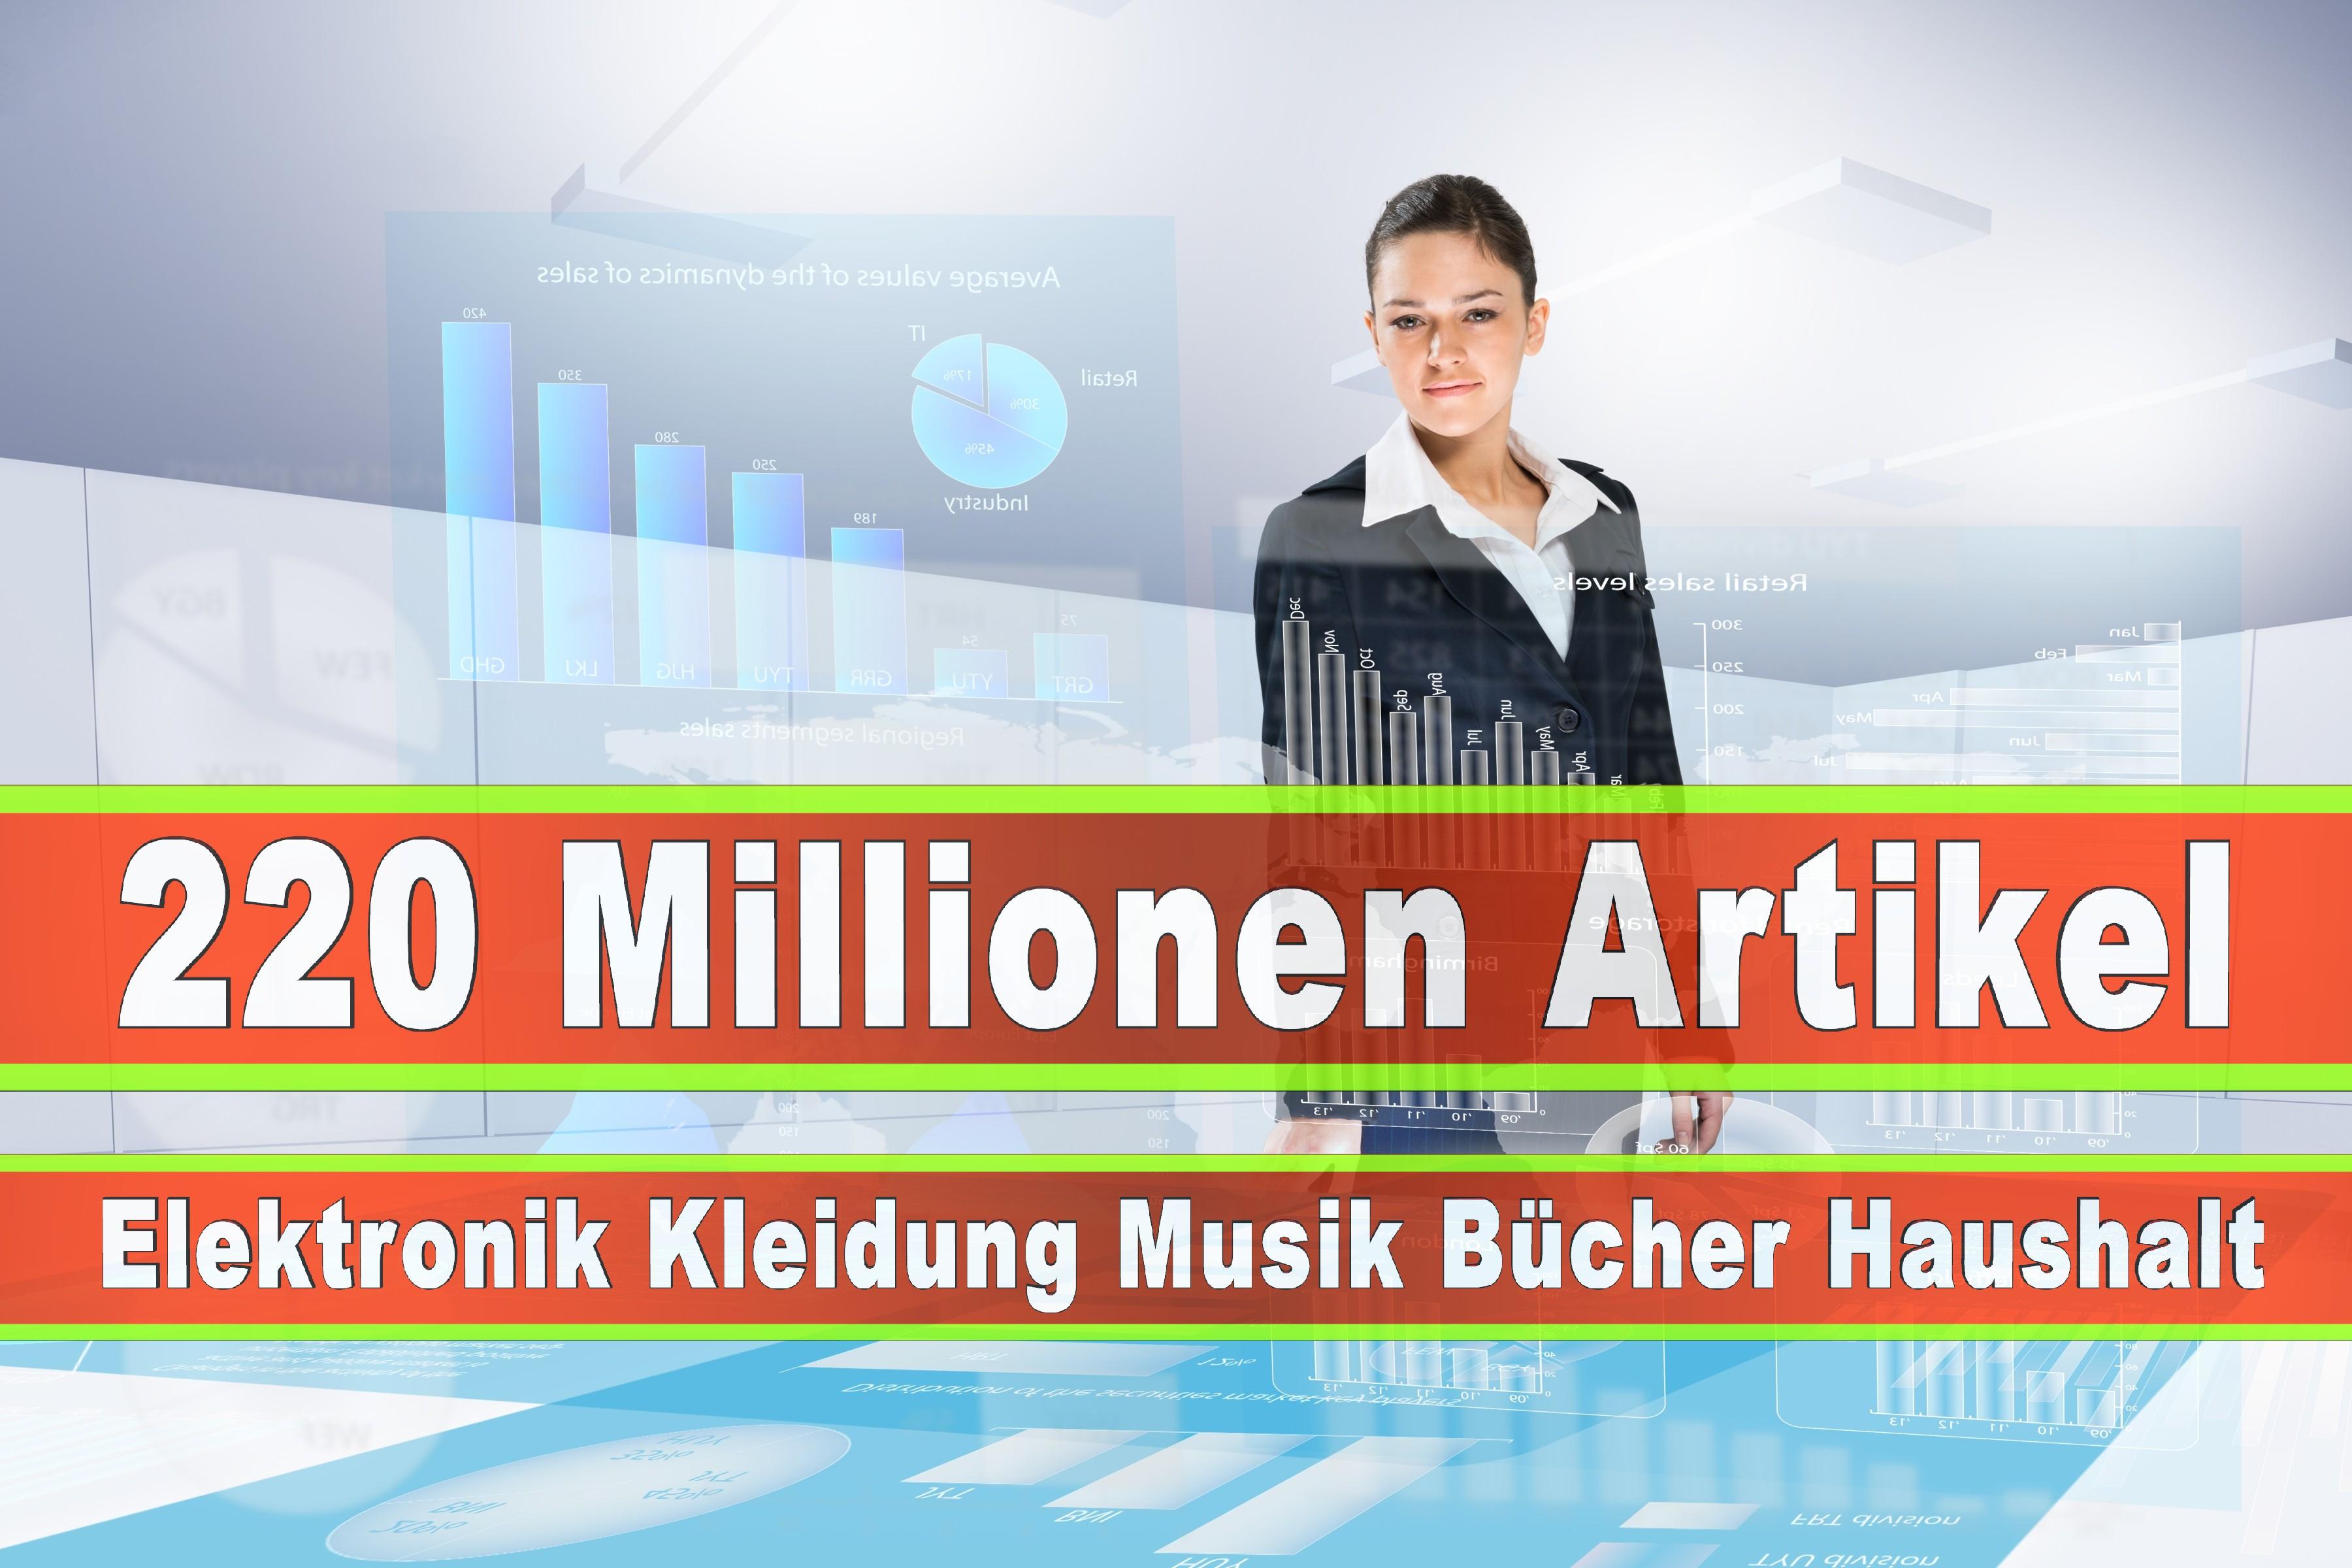 Amazon Elektronik Musik Haushalt Bücher CD DVD Handys Smartphones TV Television Fernseher Kleidung Mode Ebay Versandhaus (28)